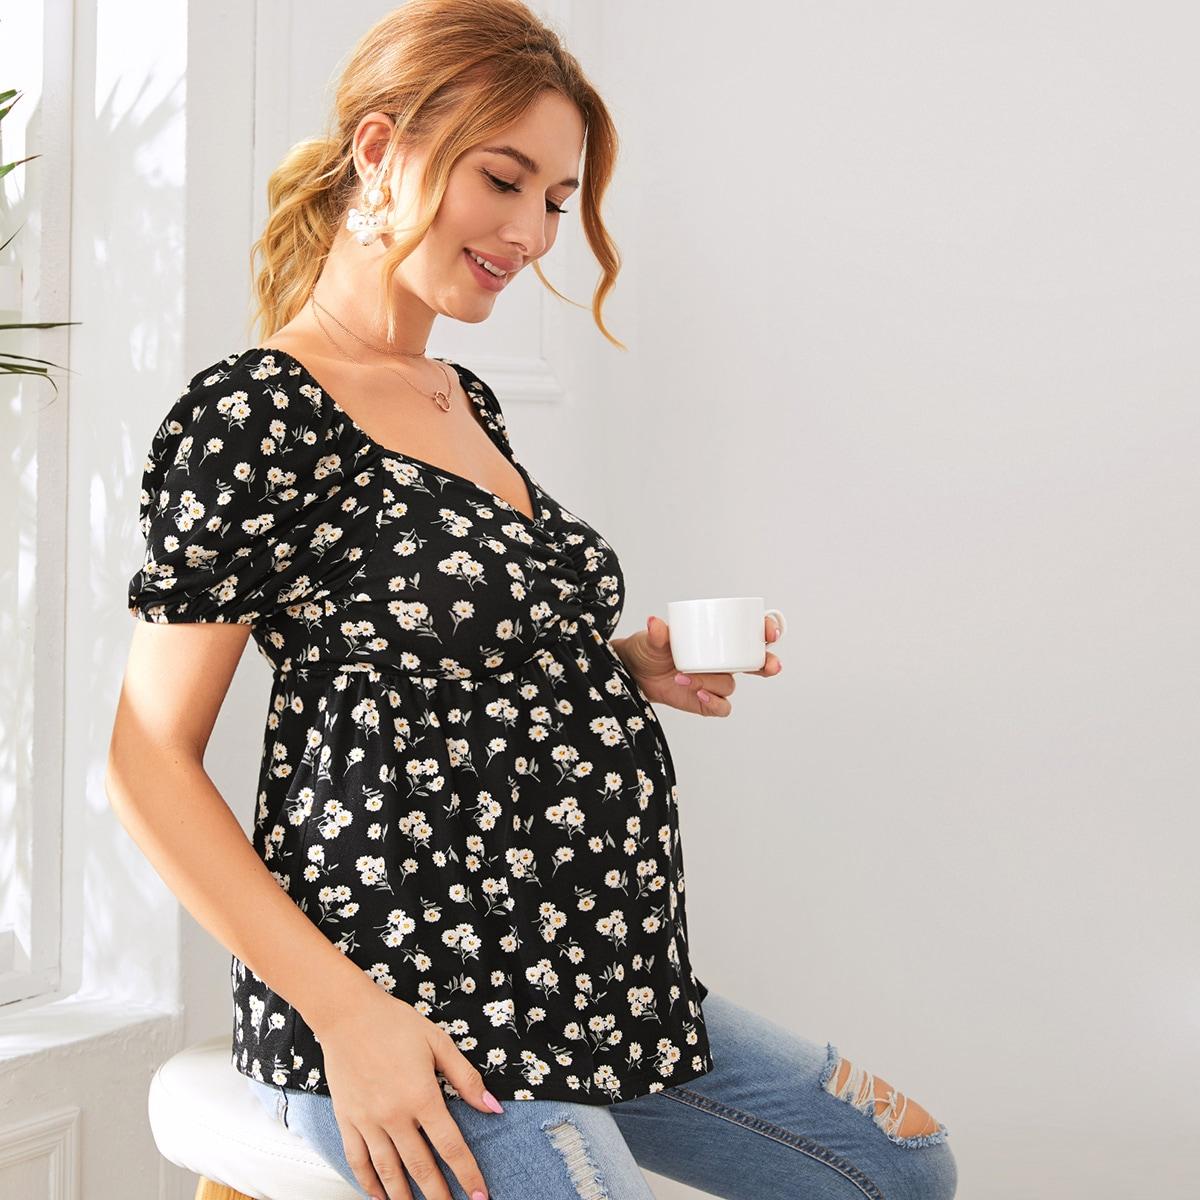 Maternity Топ с цветочным принтом от SHEIN